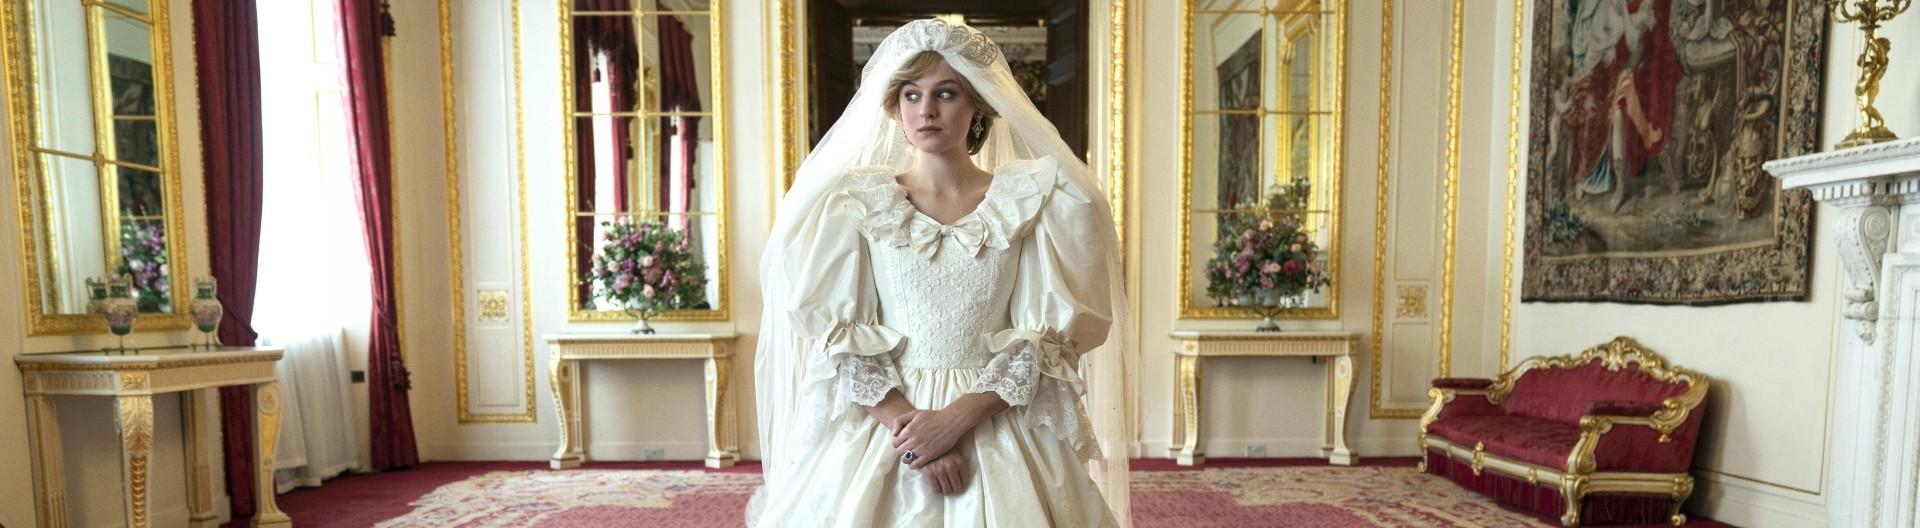 Filmstill aus der 4. Staffel der Serie The Crown, in der es um die Ära von Lady Diana geht.